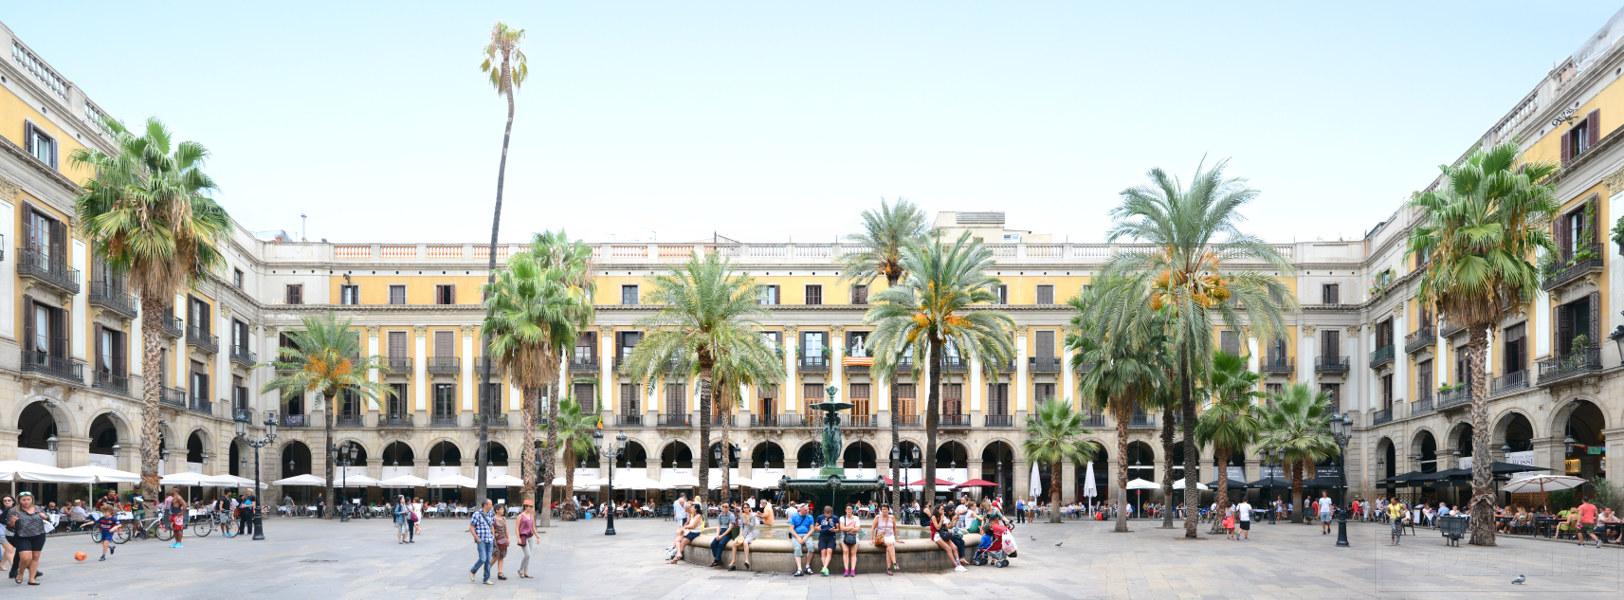 Placa Reial • Barcelona • Spain